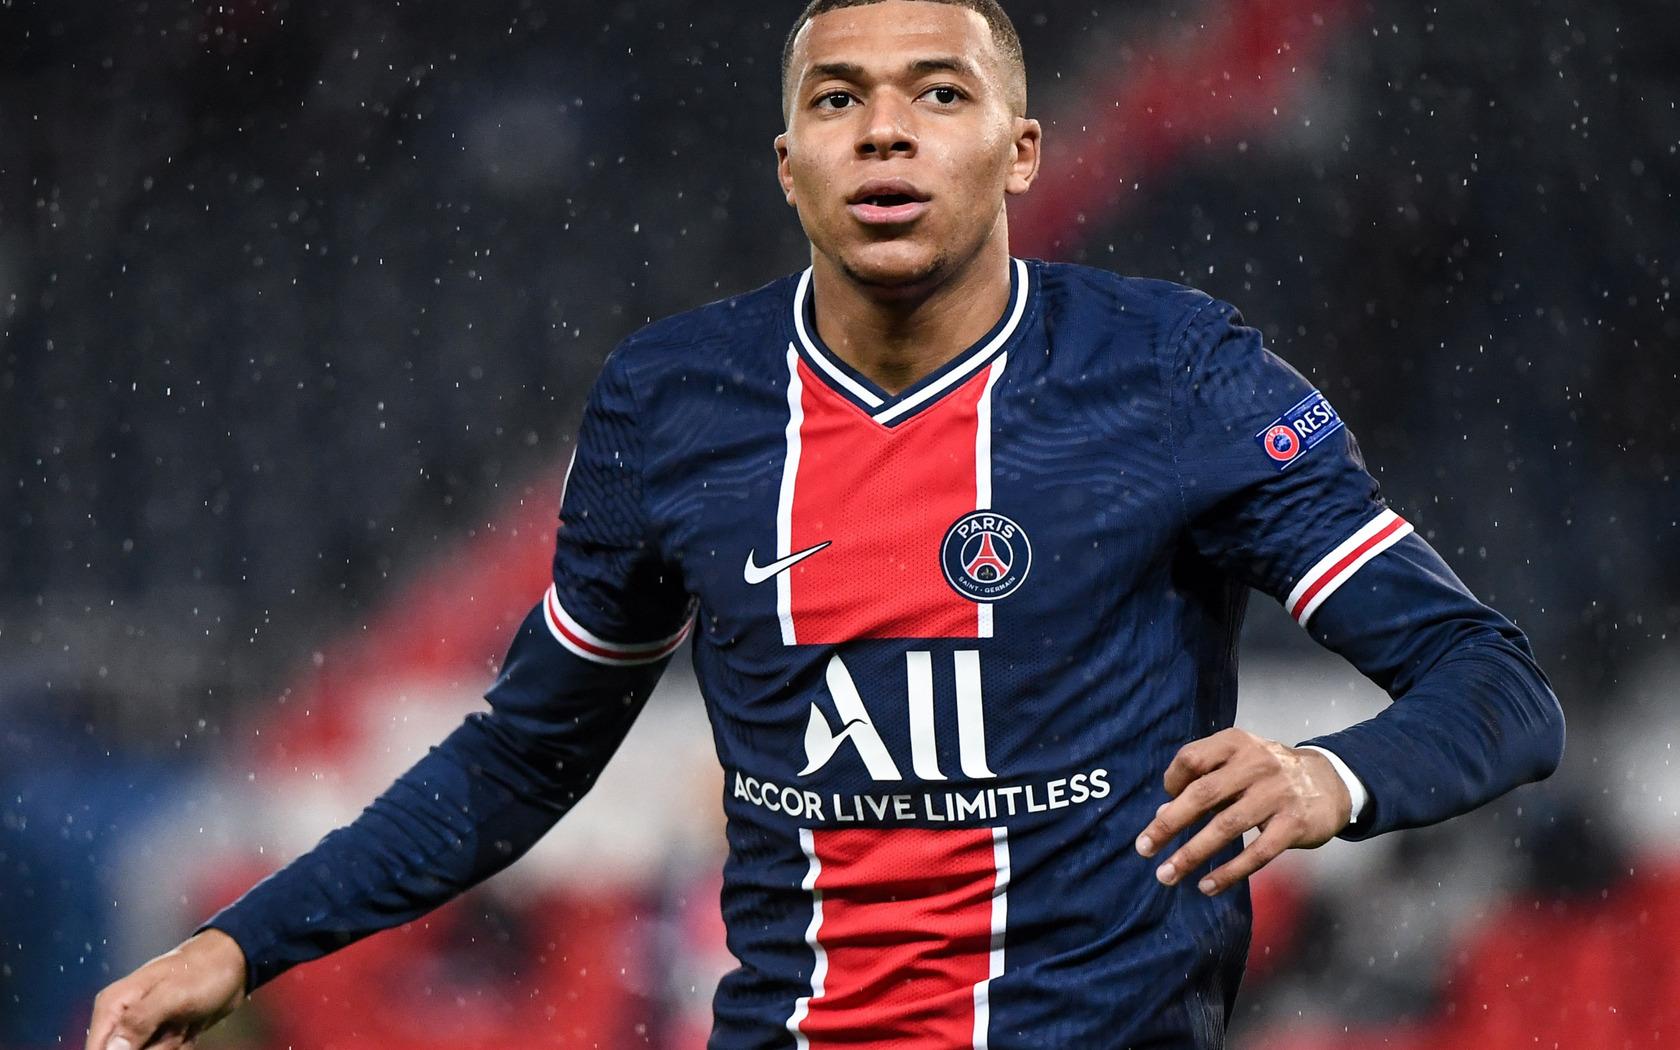 kylian-mbappe-footballer-dq.jpg